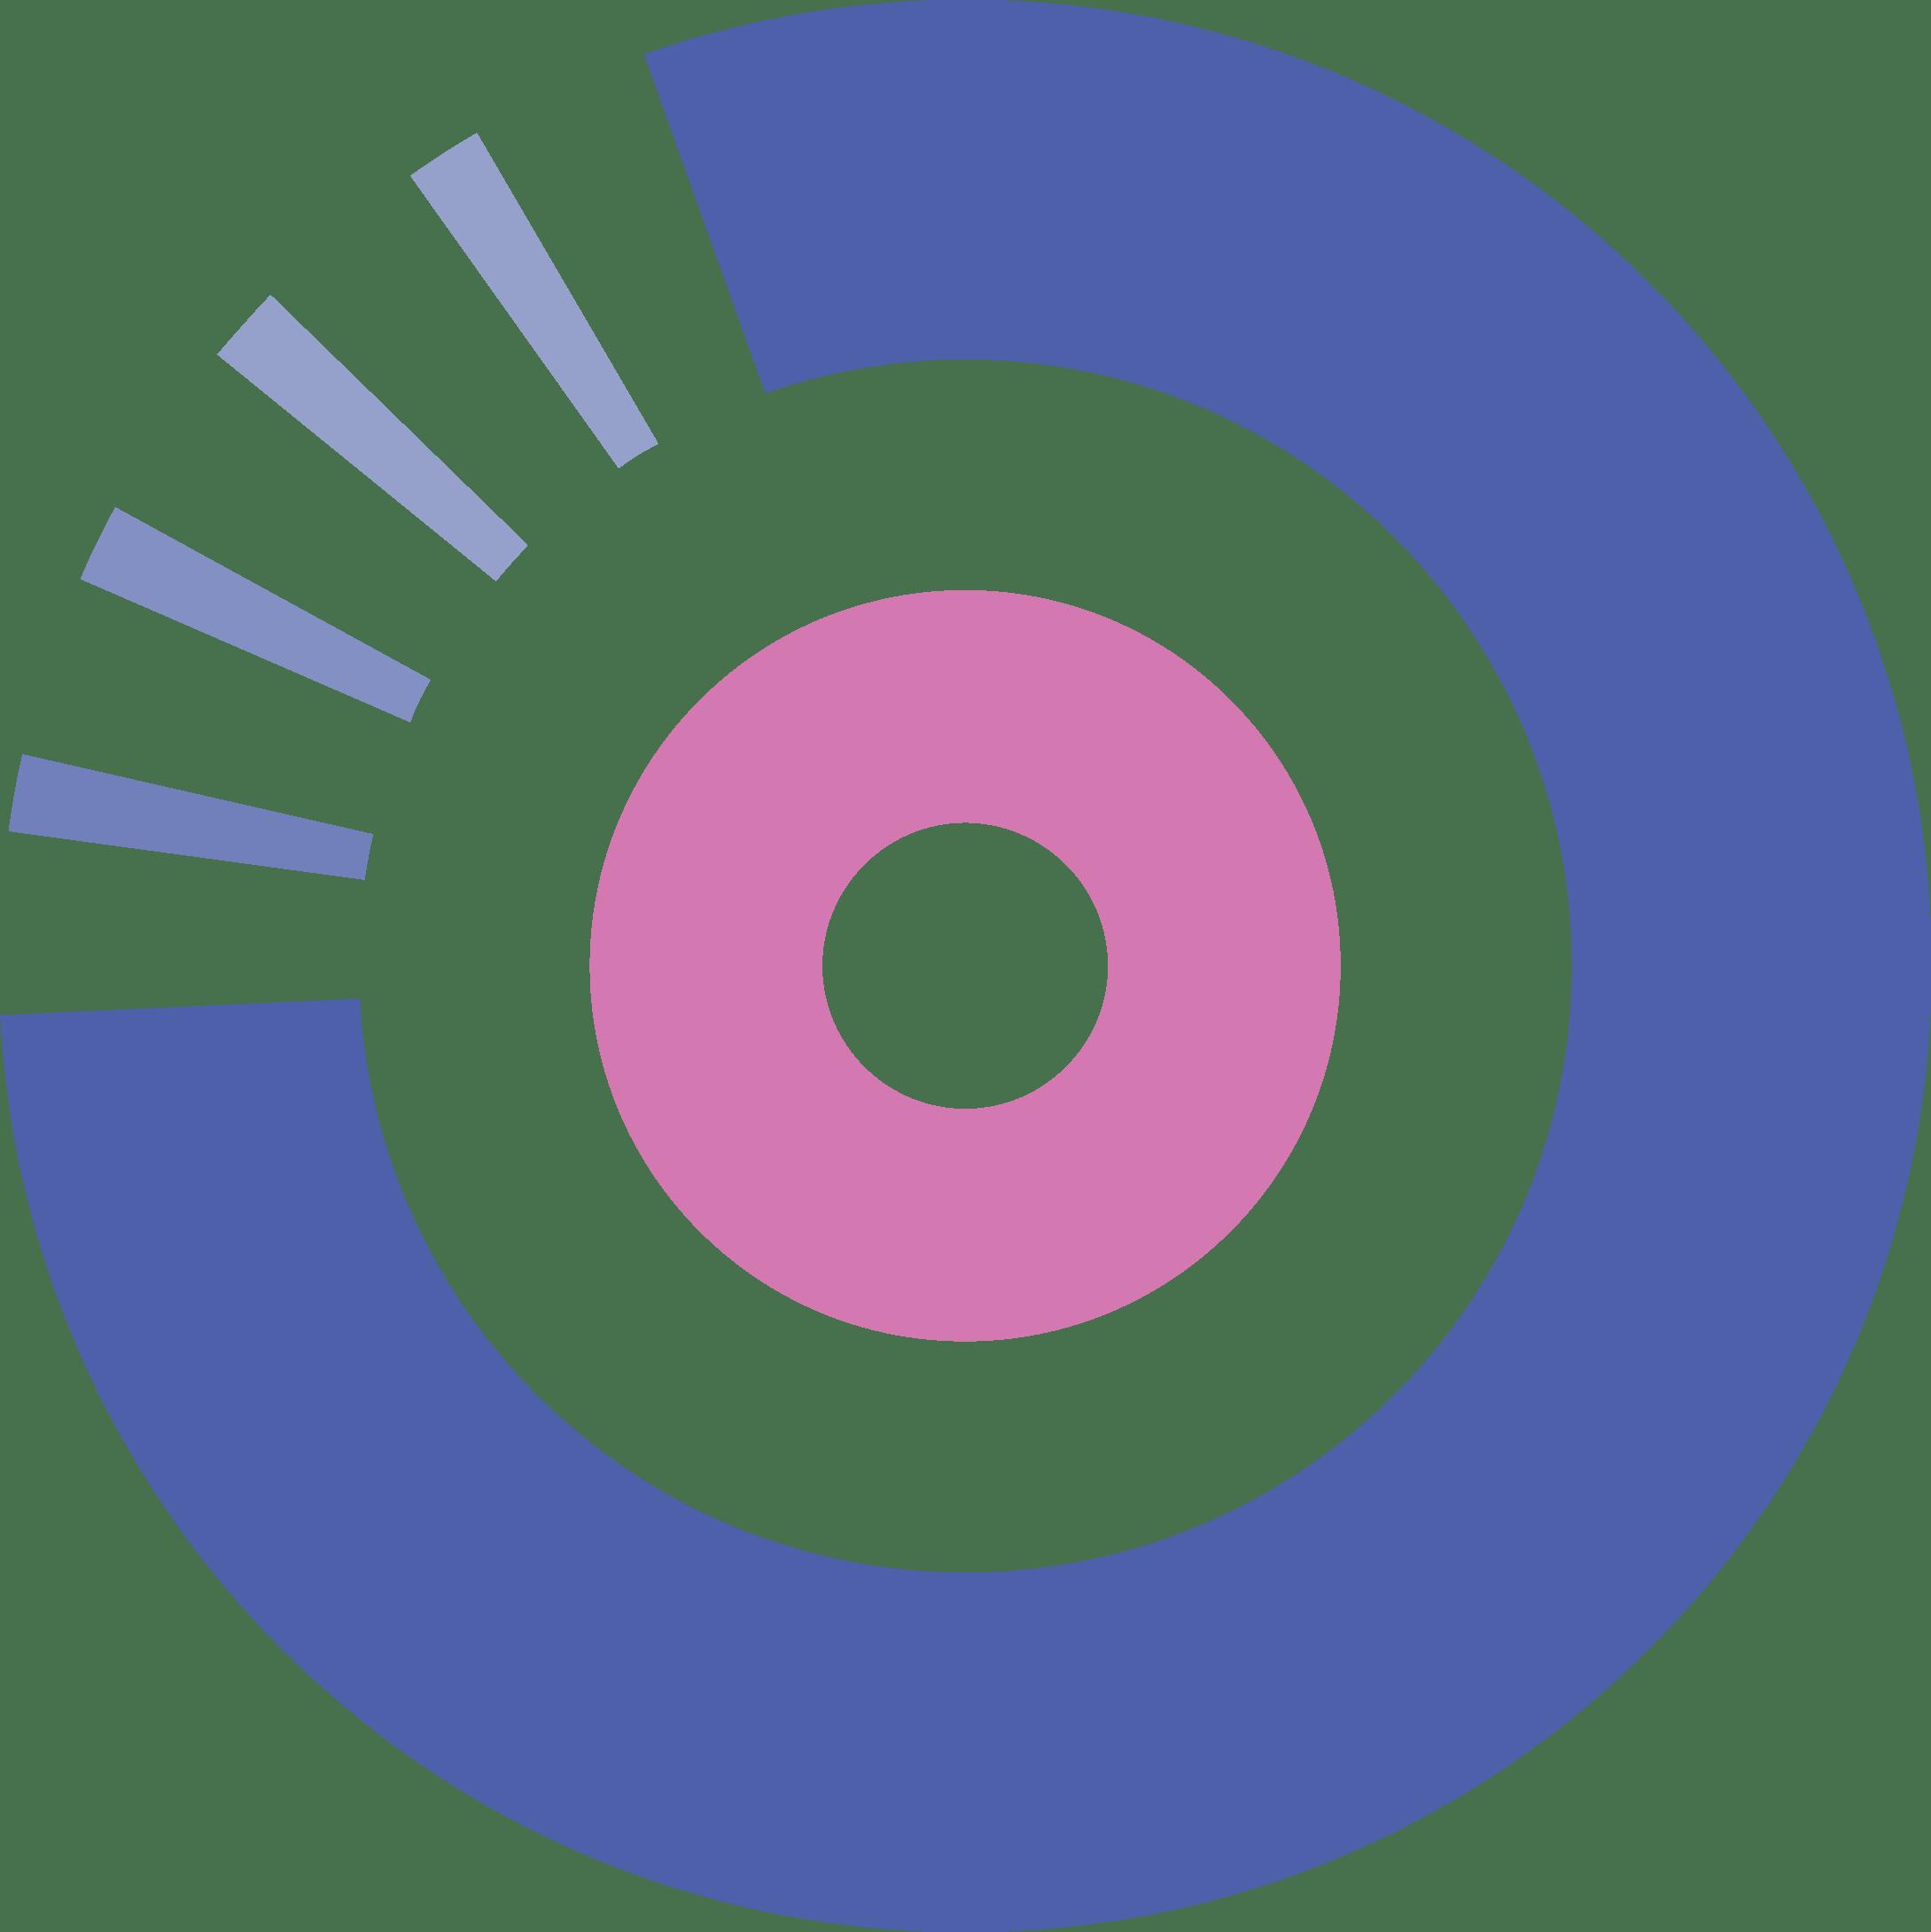 العلاج بالحجامه والإبر الصينيه